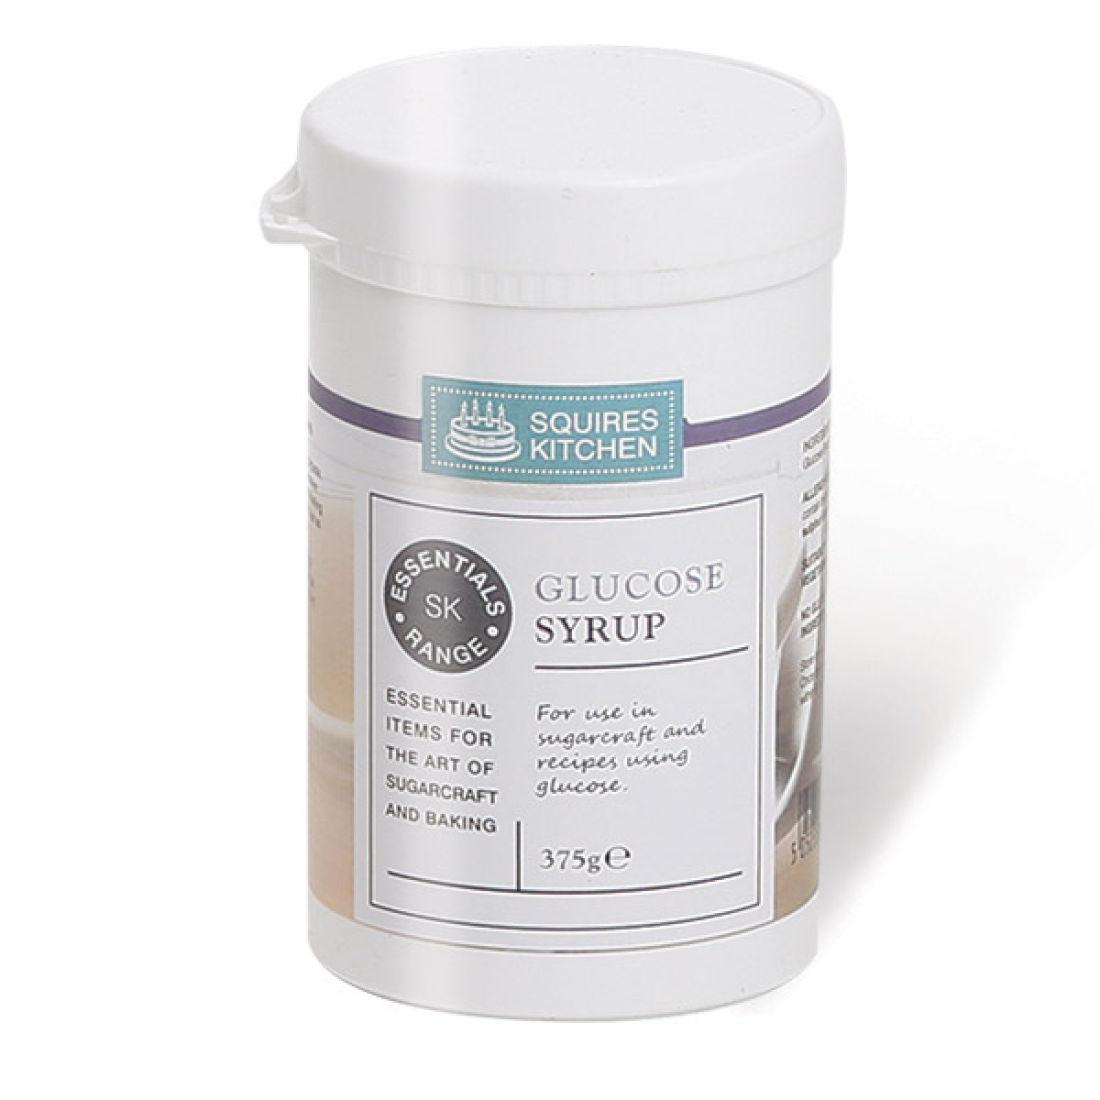 SK Essentials Glucose Syrup 375g | Squires Kitchen Shop